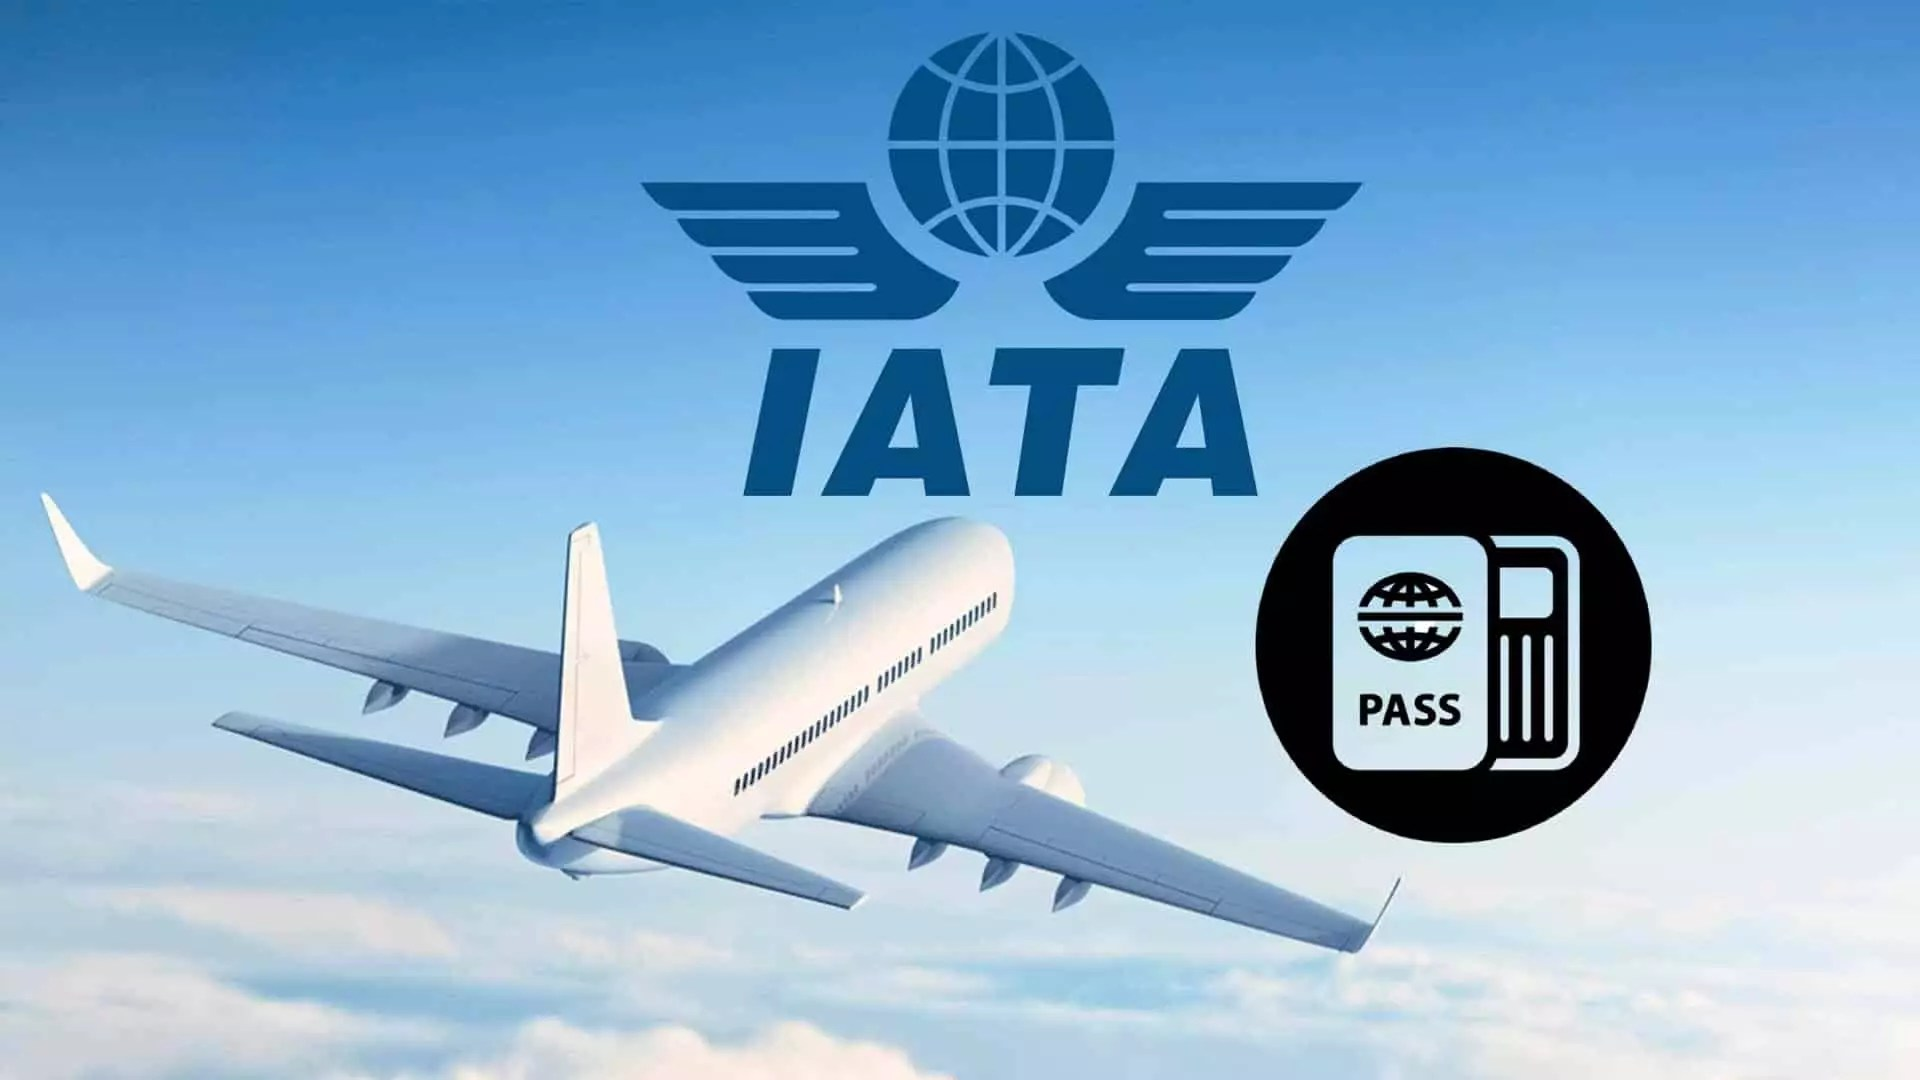 Reprise des vols internationaux en France : L'IATA propose son « Travel Pass » - Observ'Algérie - Algérie Actualité